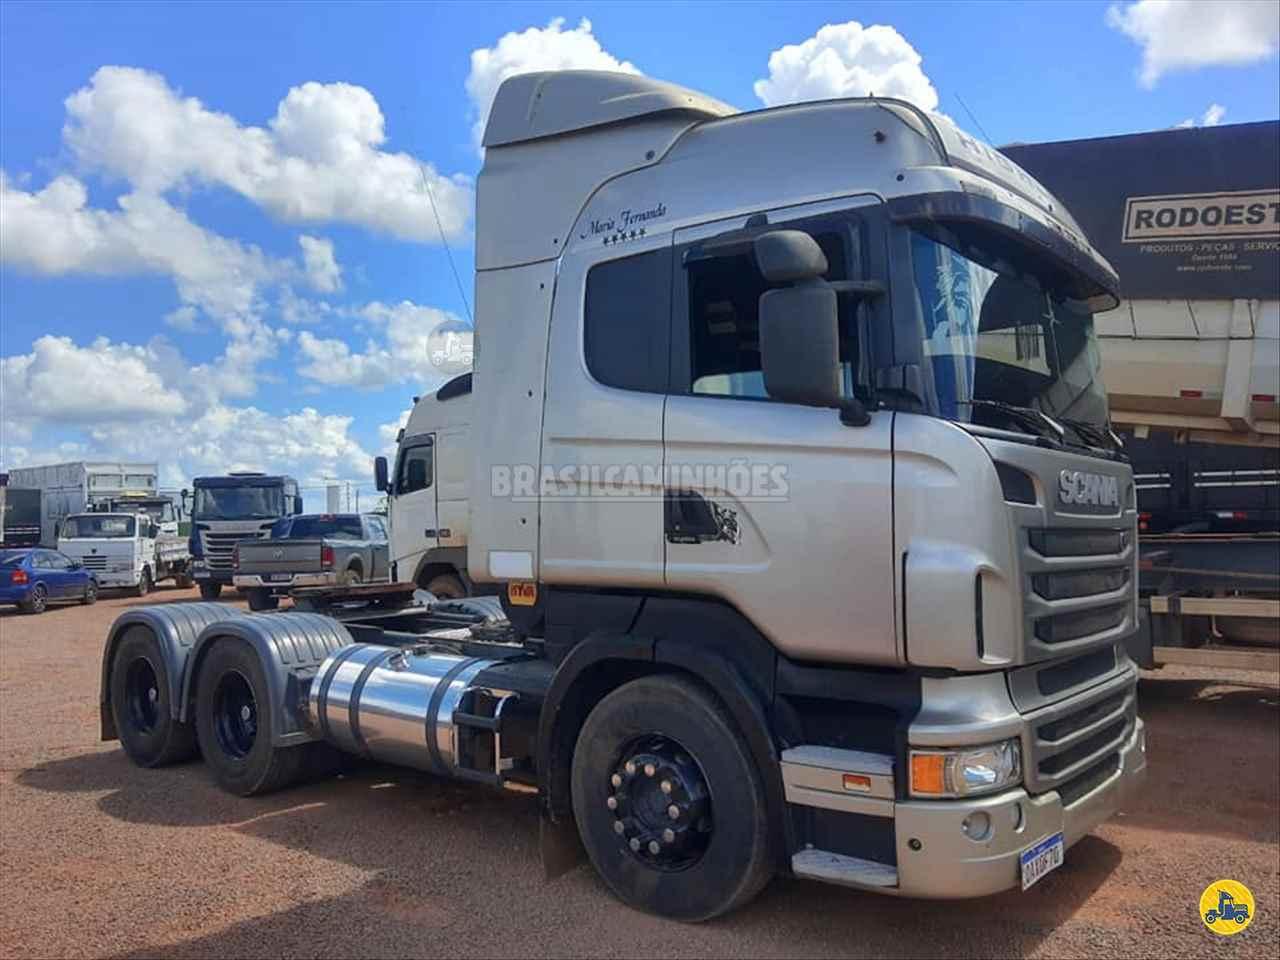 CAMINHAO SCANIA SCANIA 440 Cavalo Mecânico Traçado 6x4 Brasil Caminhões Sinop SINOP MATO GROSSO MT